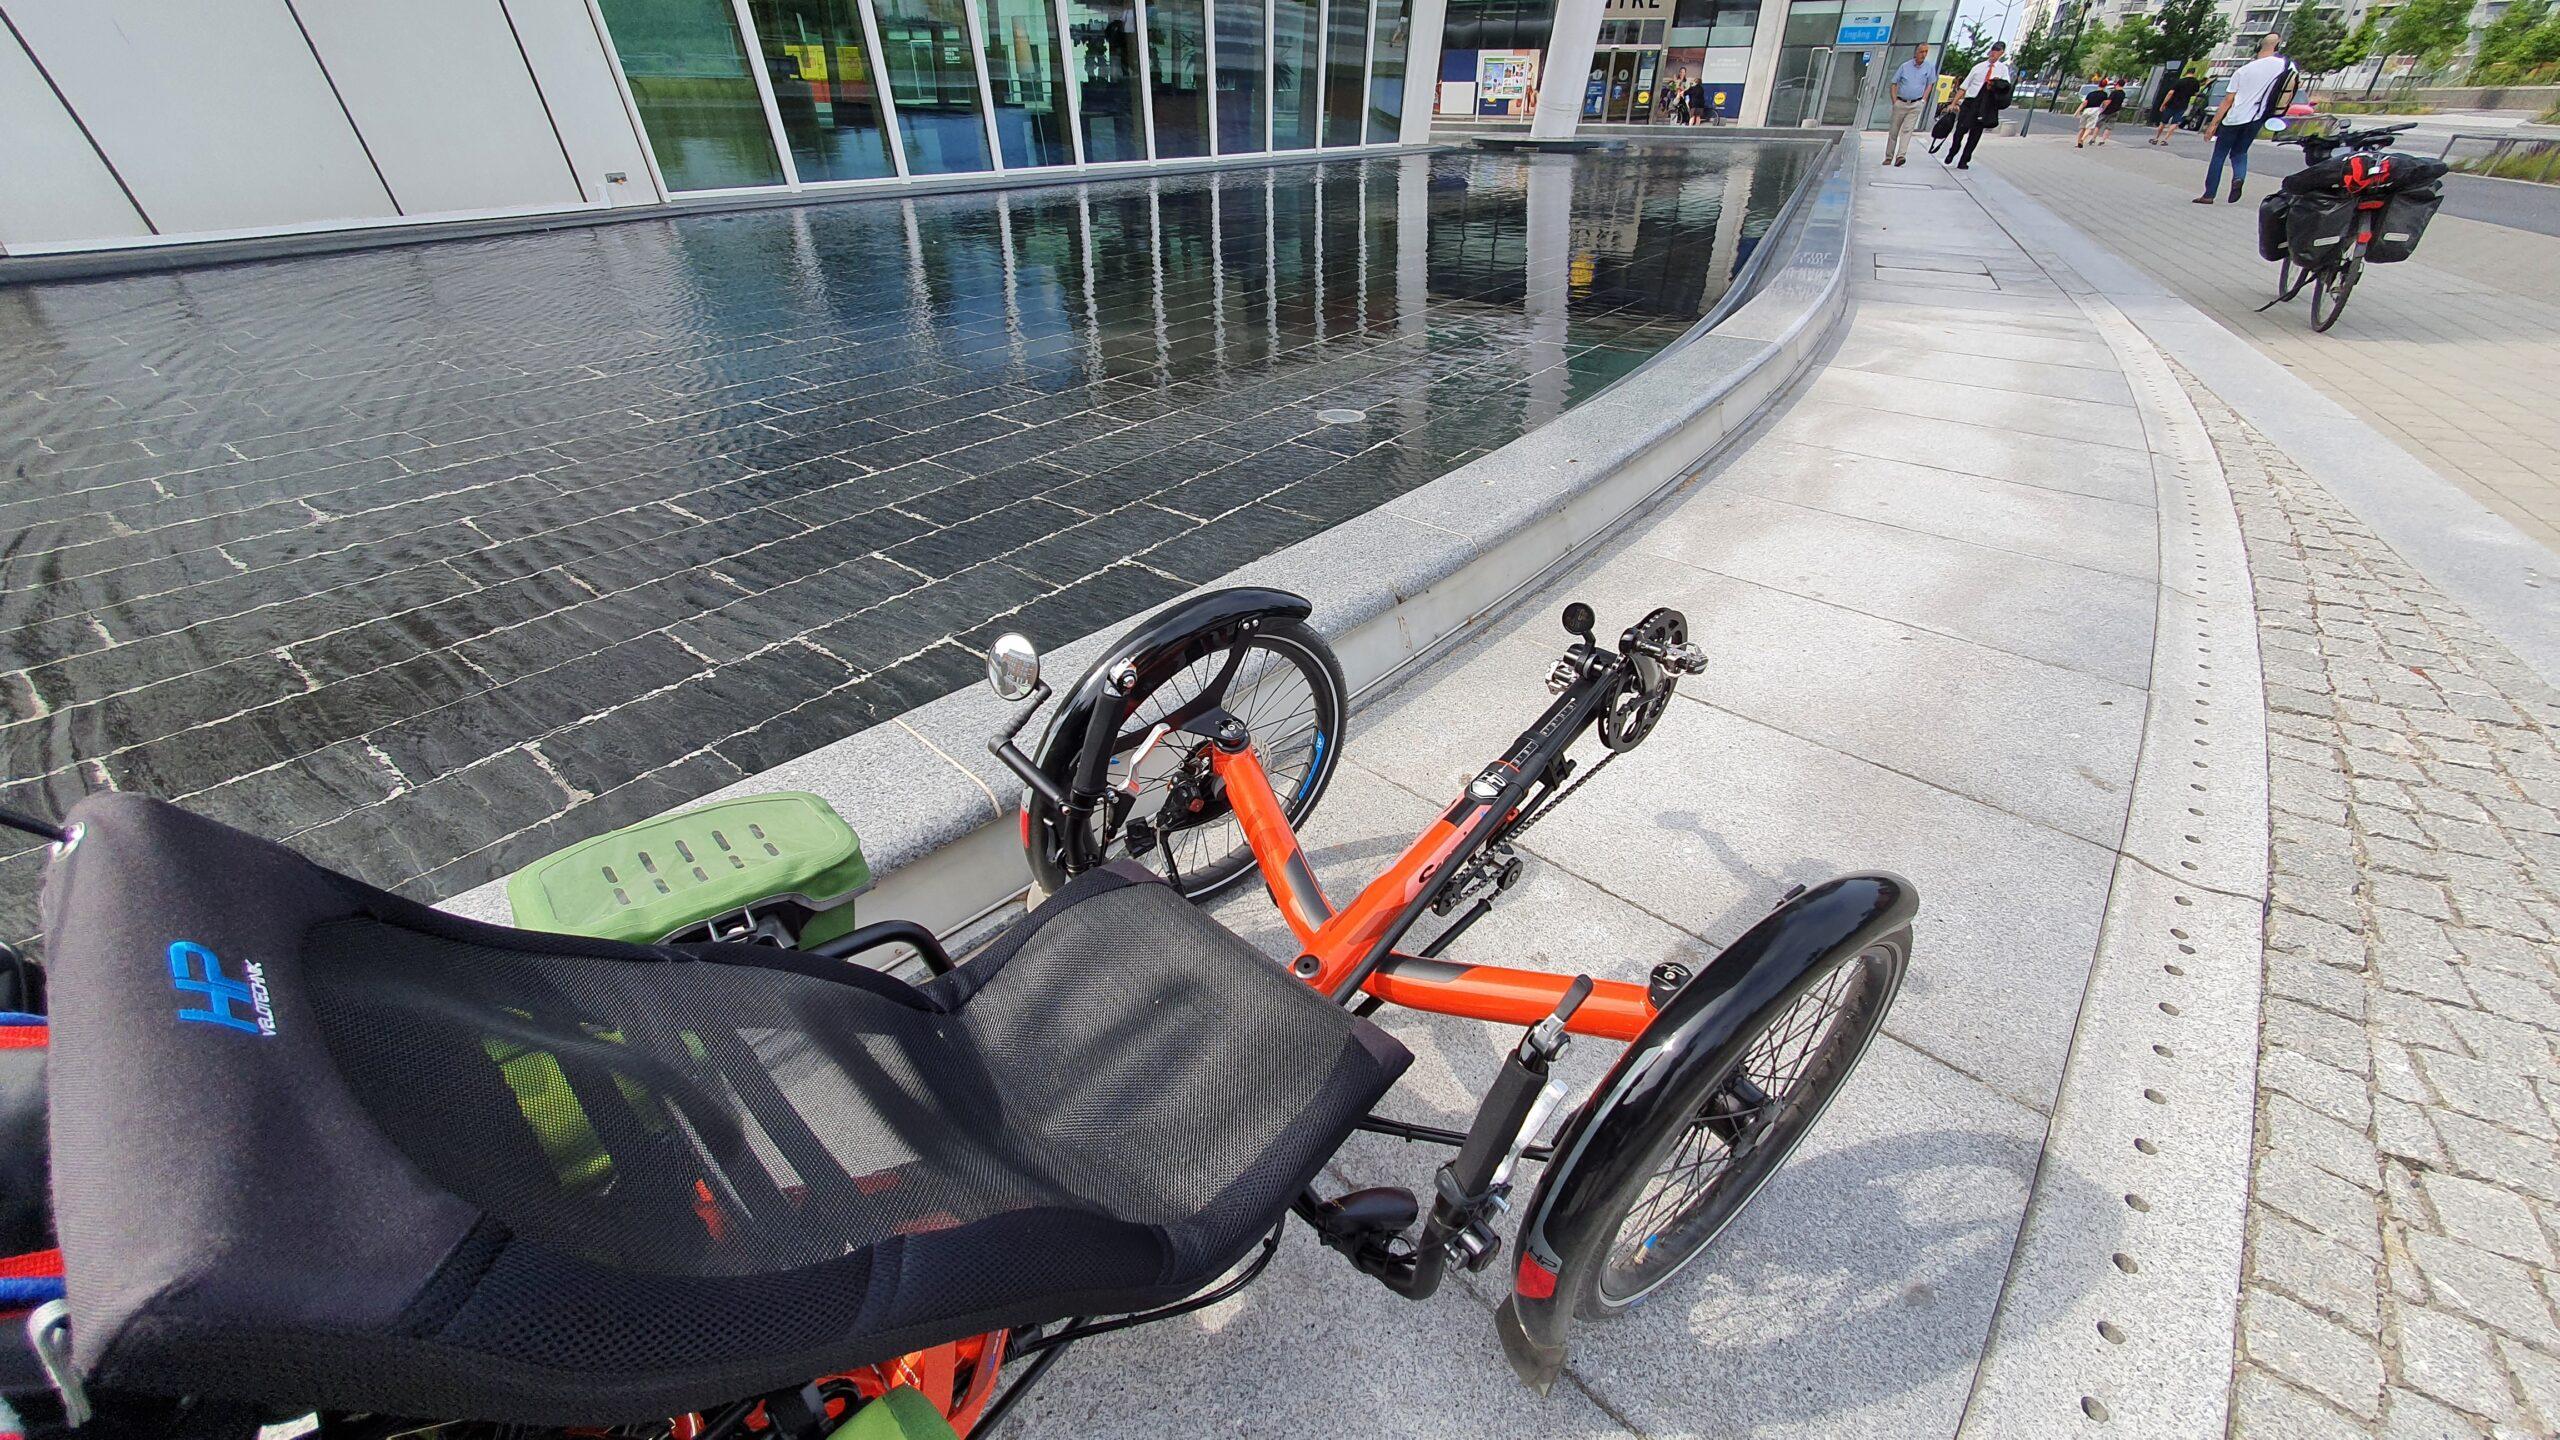 Trójkołowy rower poziomy - test trajki HP Velotechnik Scorpion FX